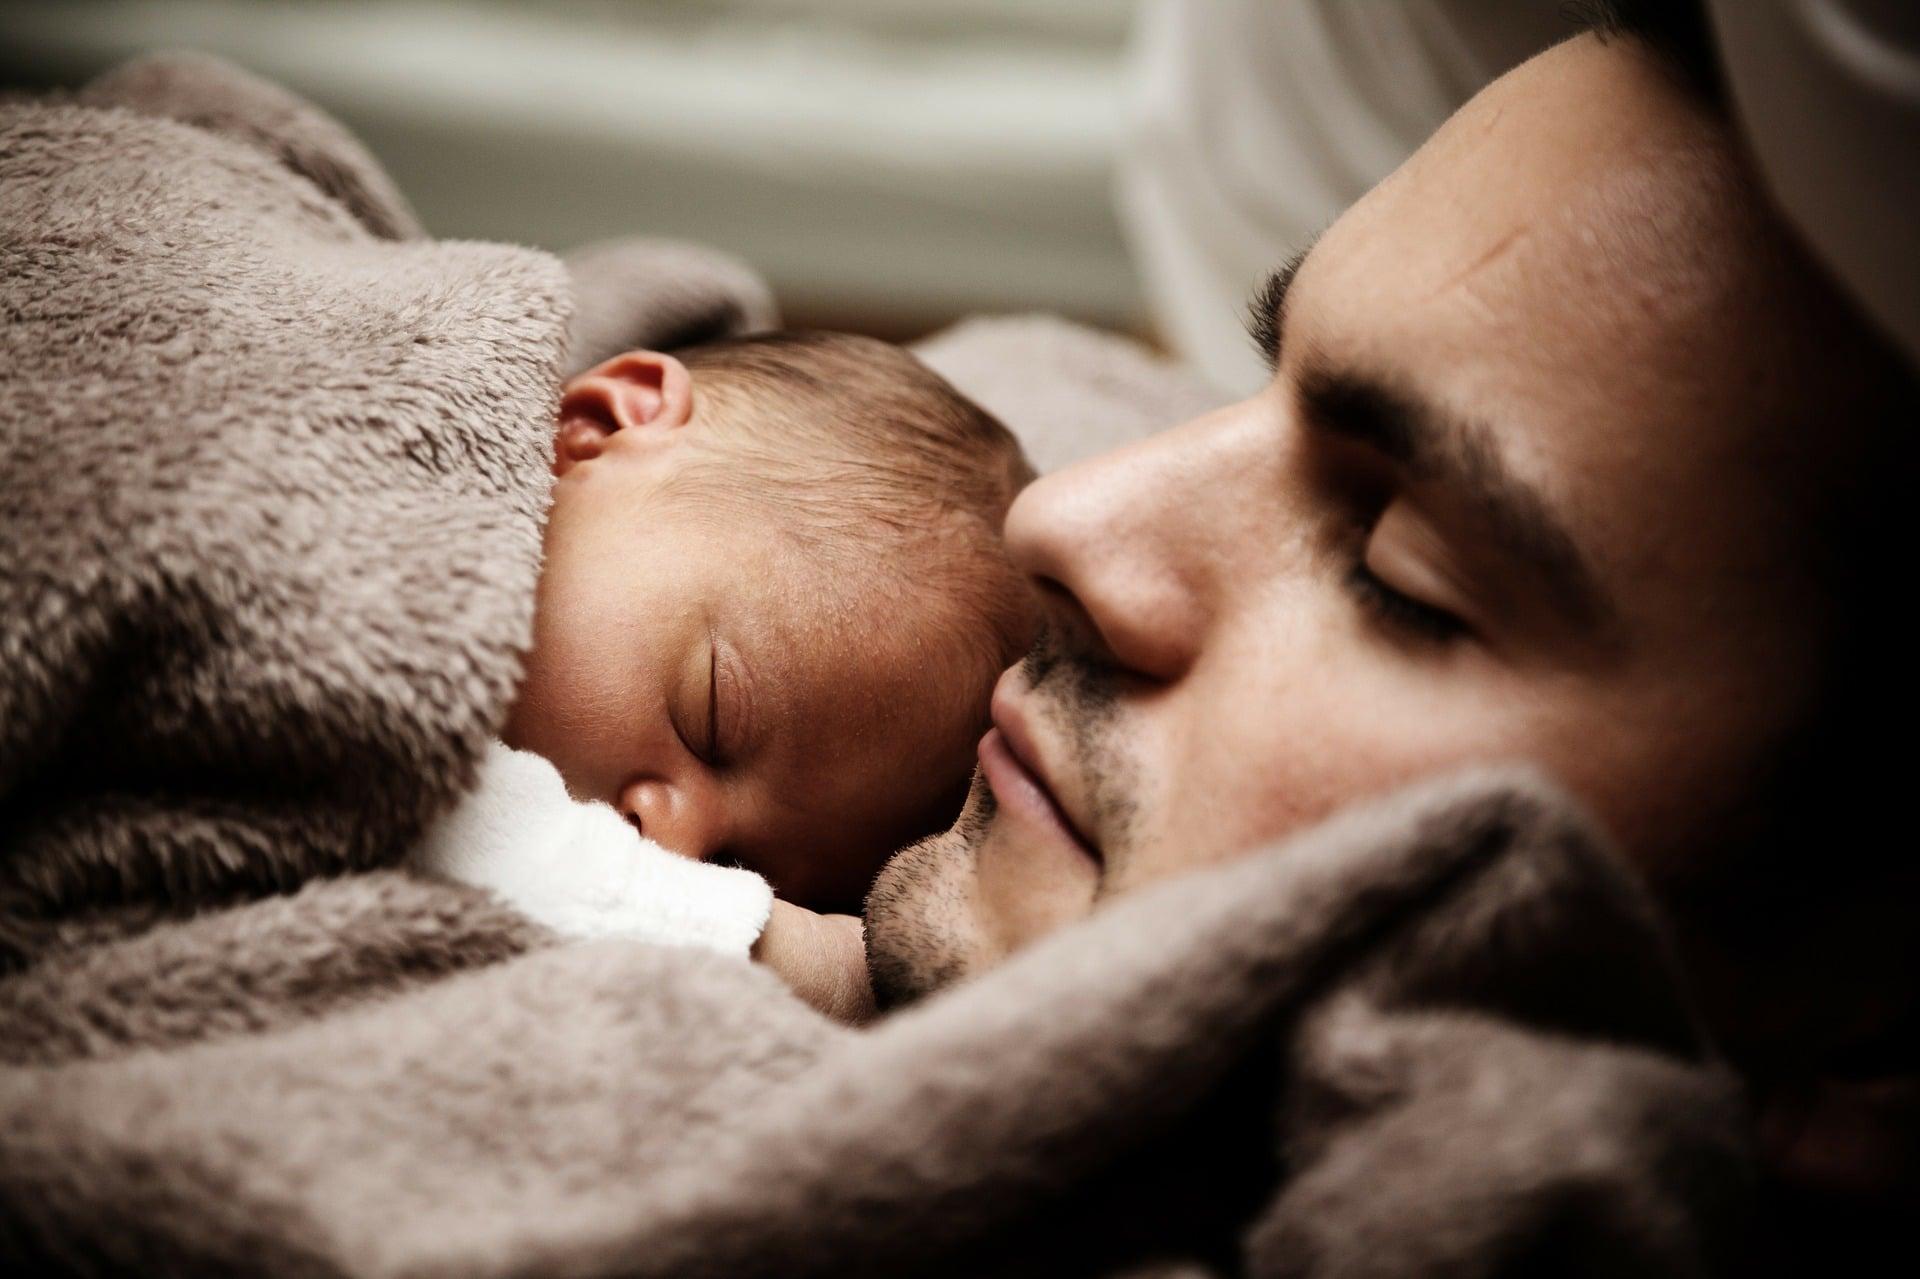 Geen toerist in eigen gezin: emancipatie van vaders begint bij opwaardering zorg